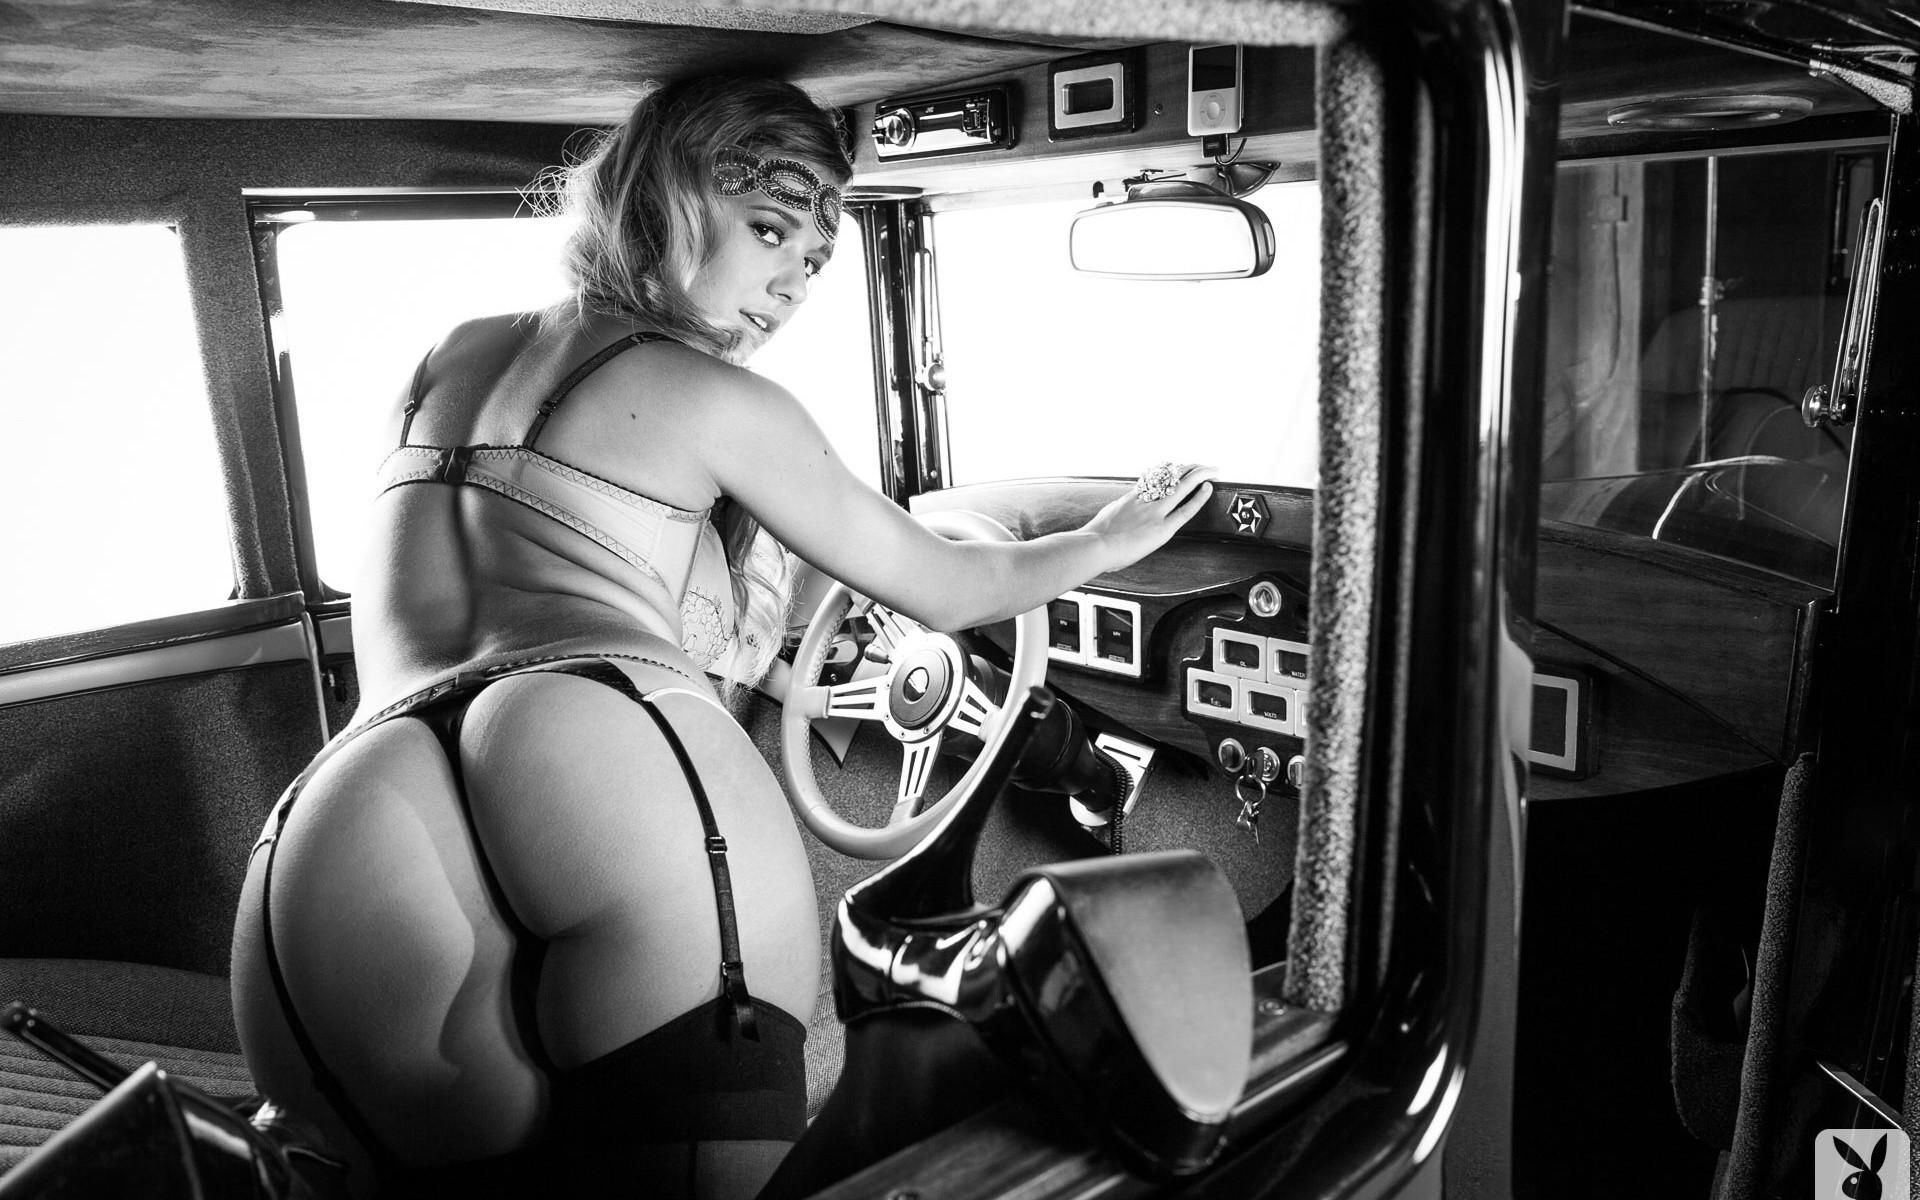 wallpaper women model blonde car ass vehicle